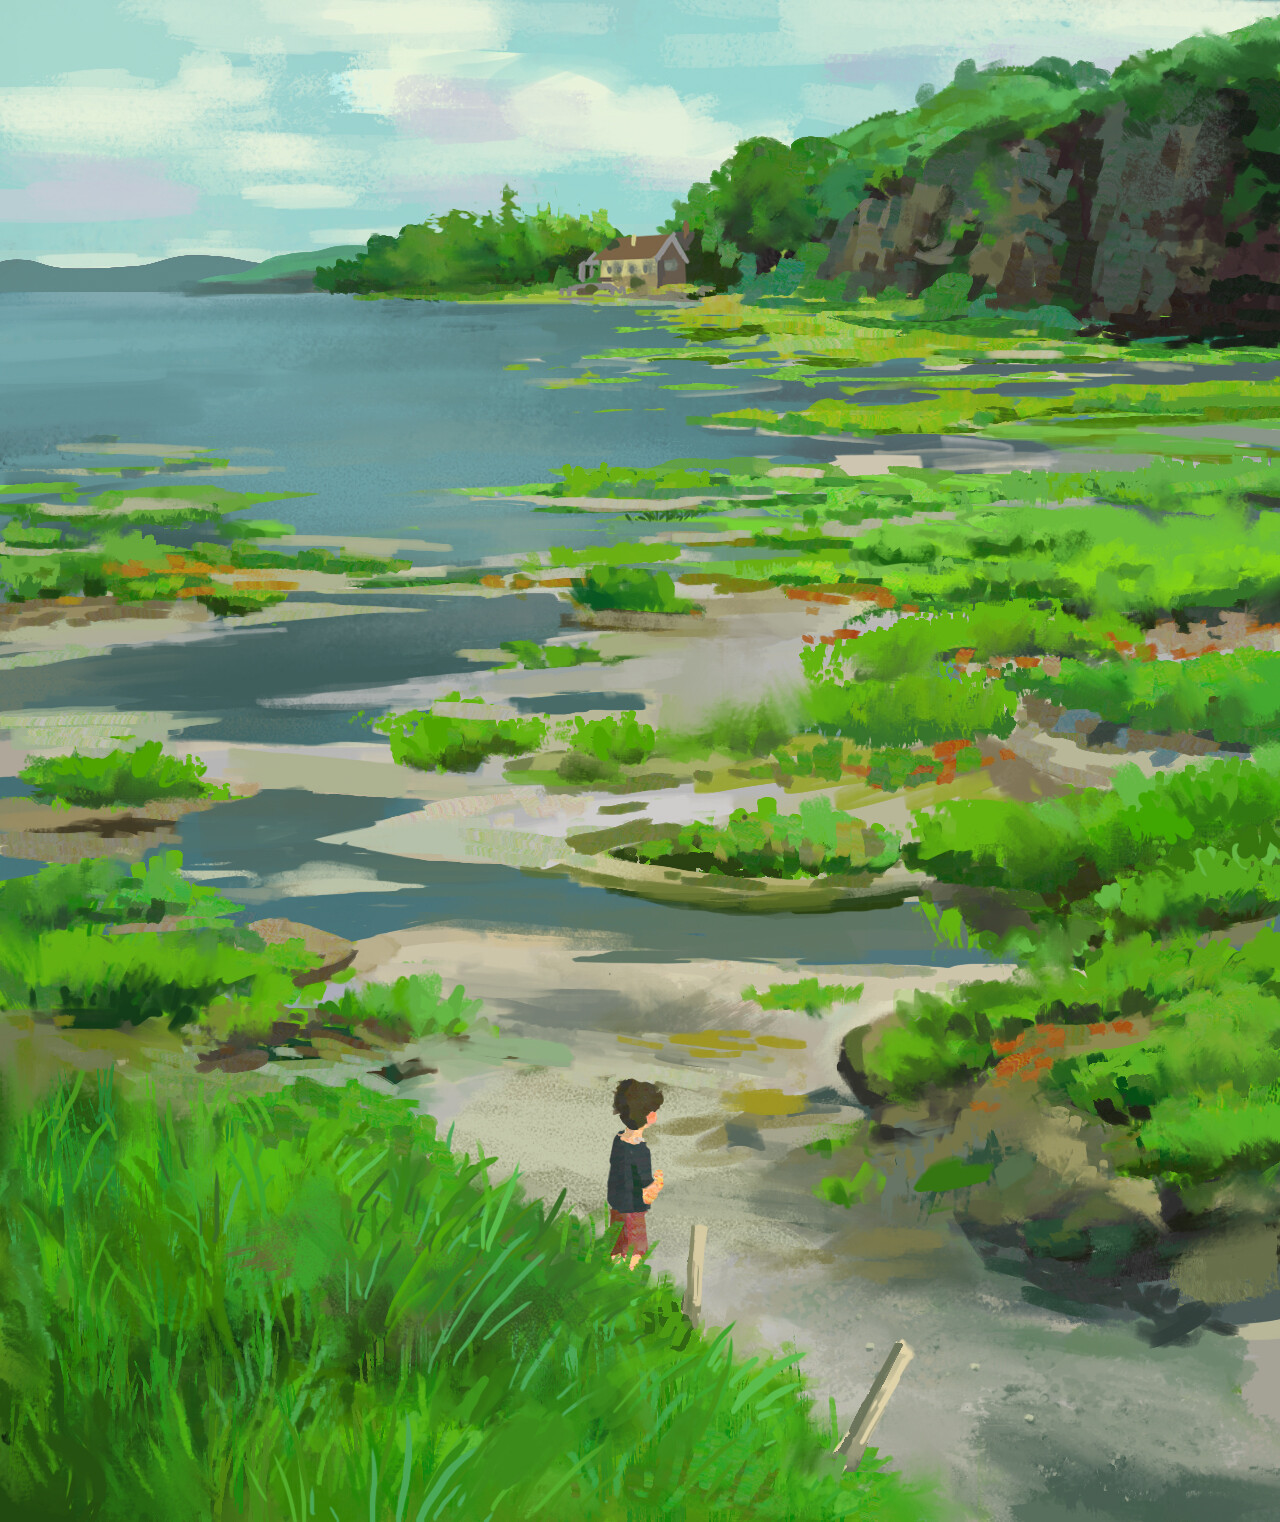 Studio Ghibli studies